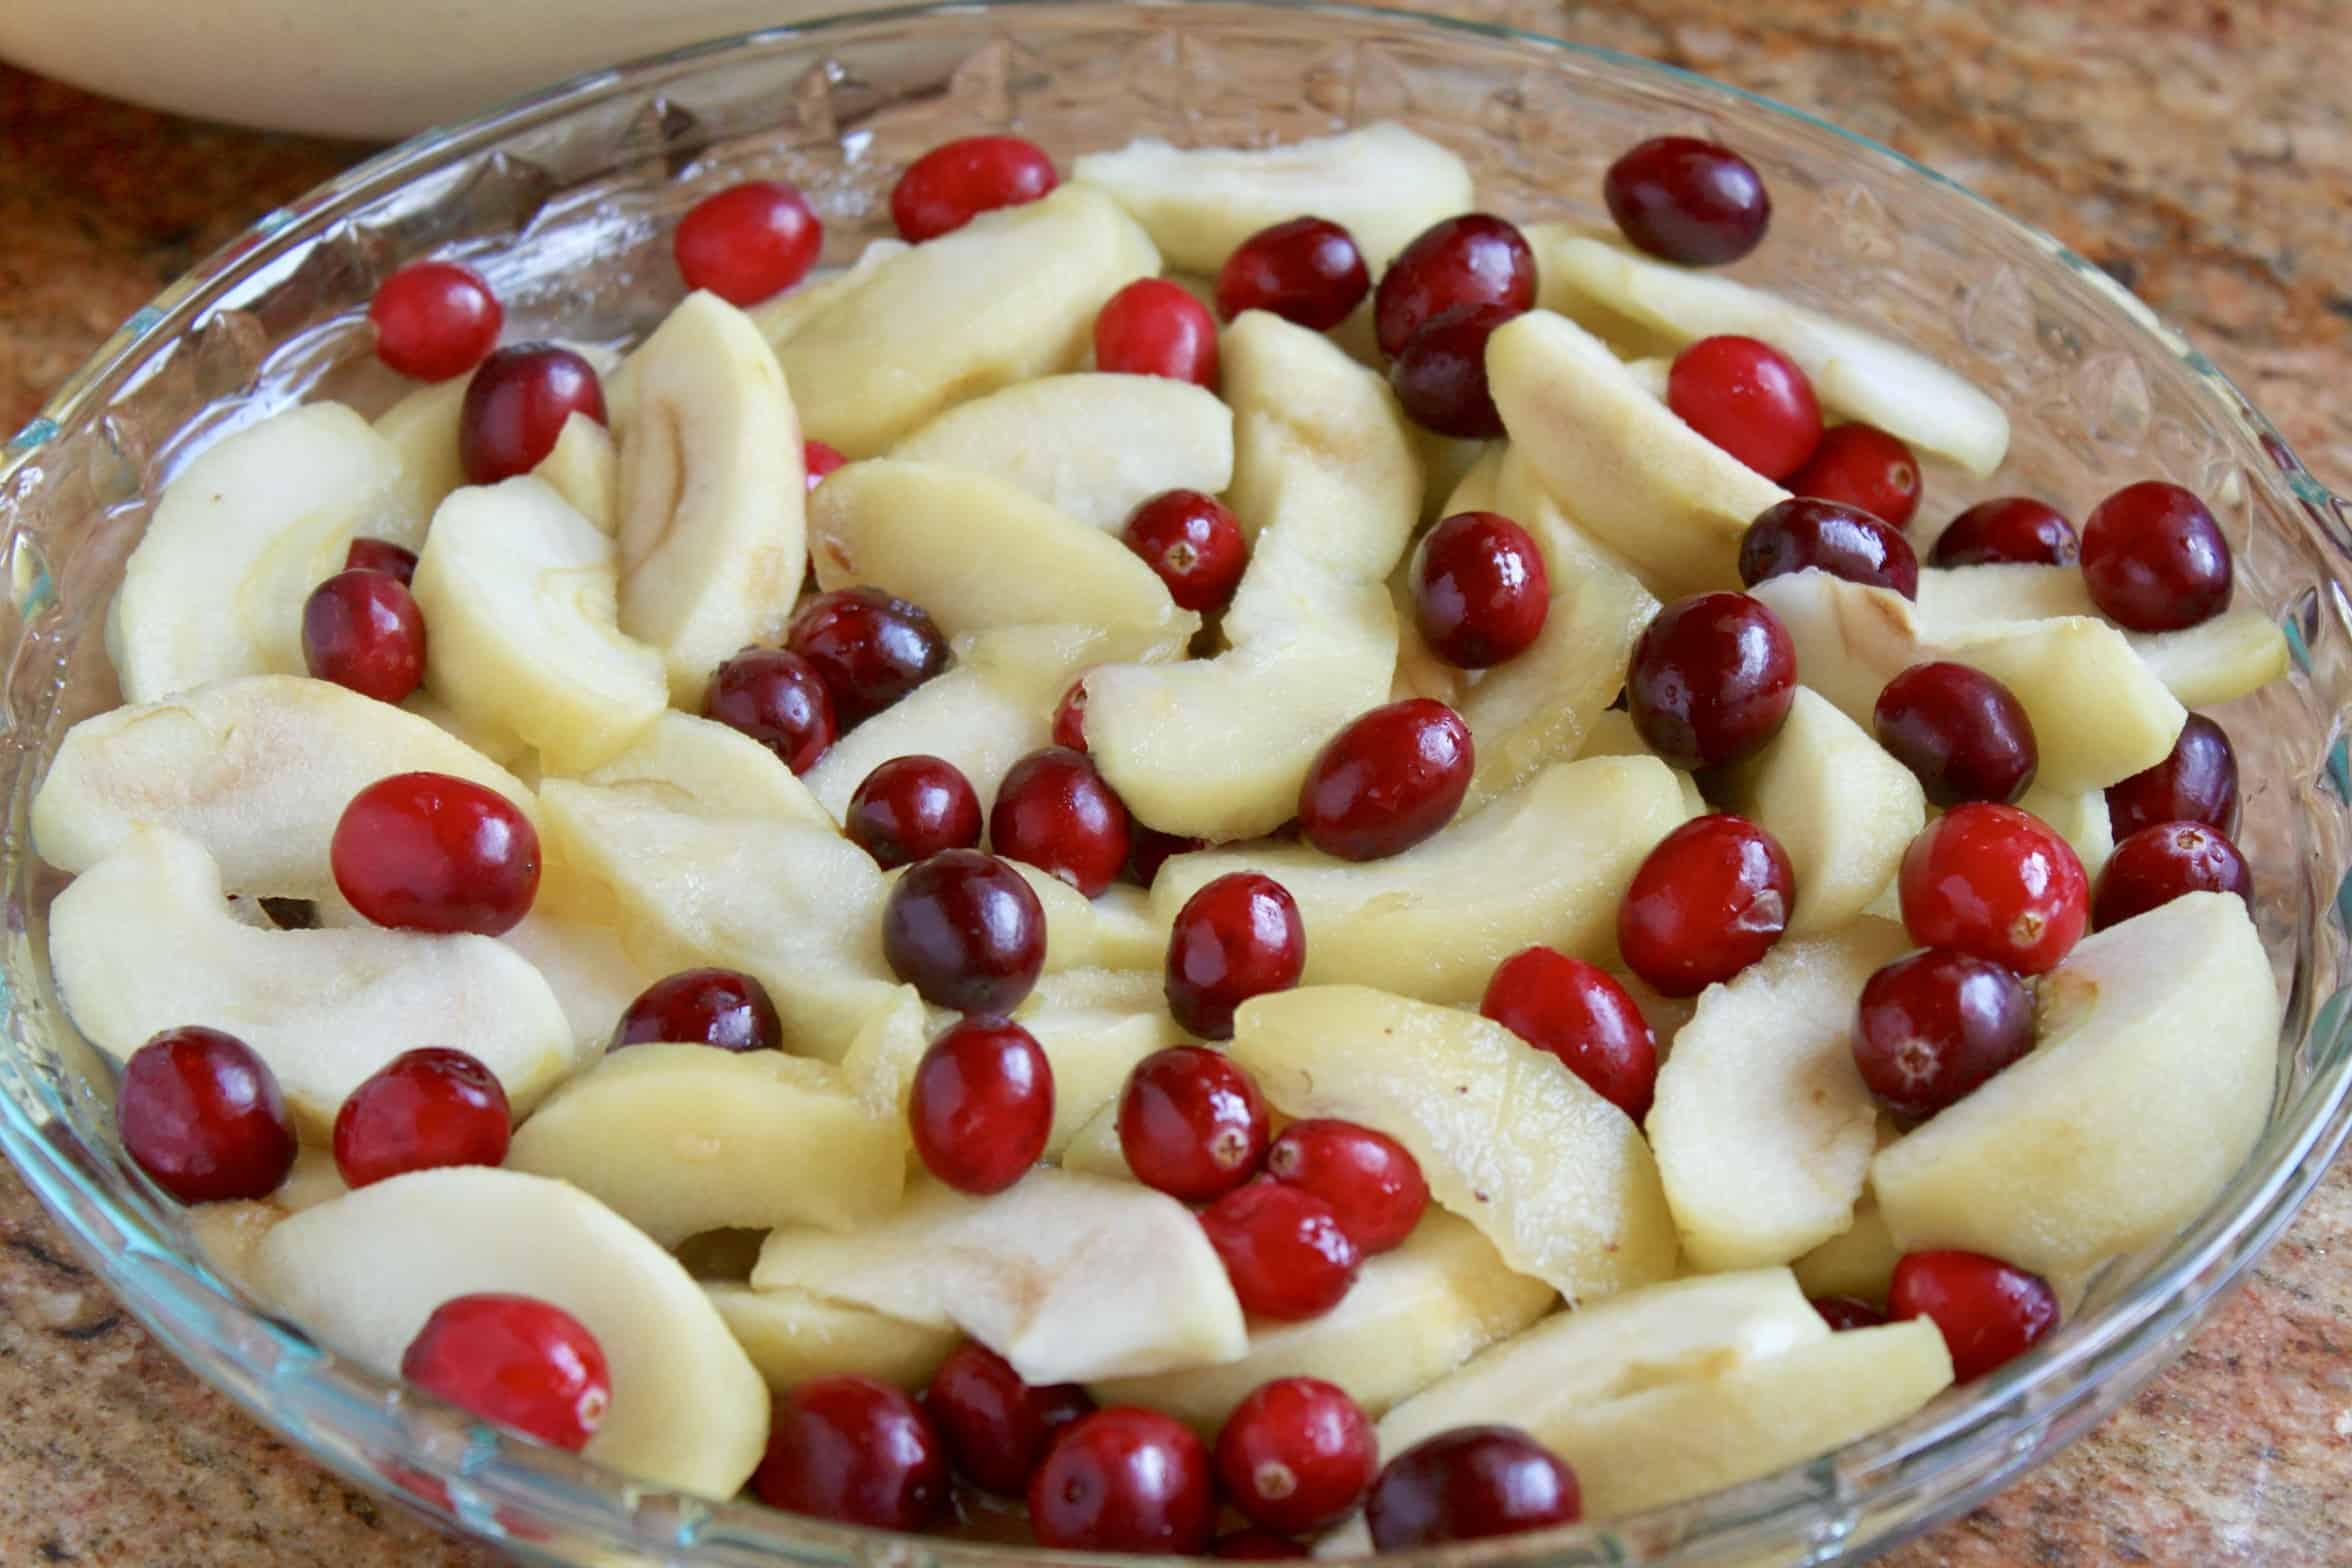 fruit in pie dish